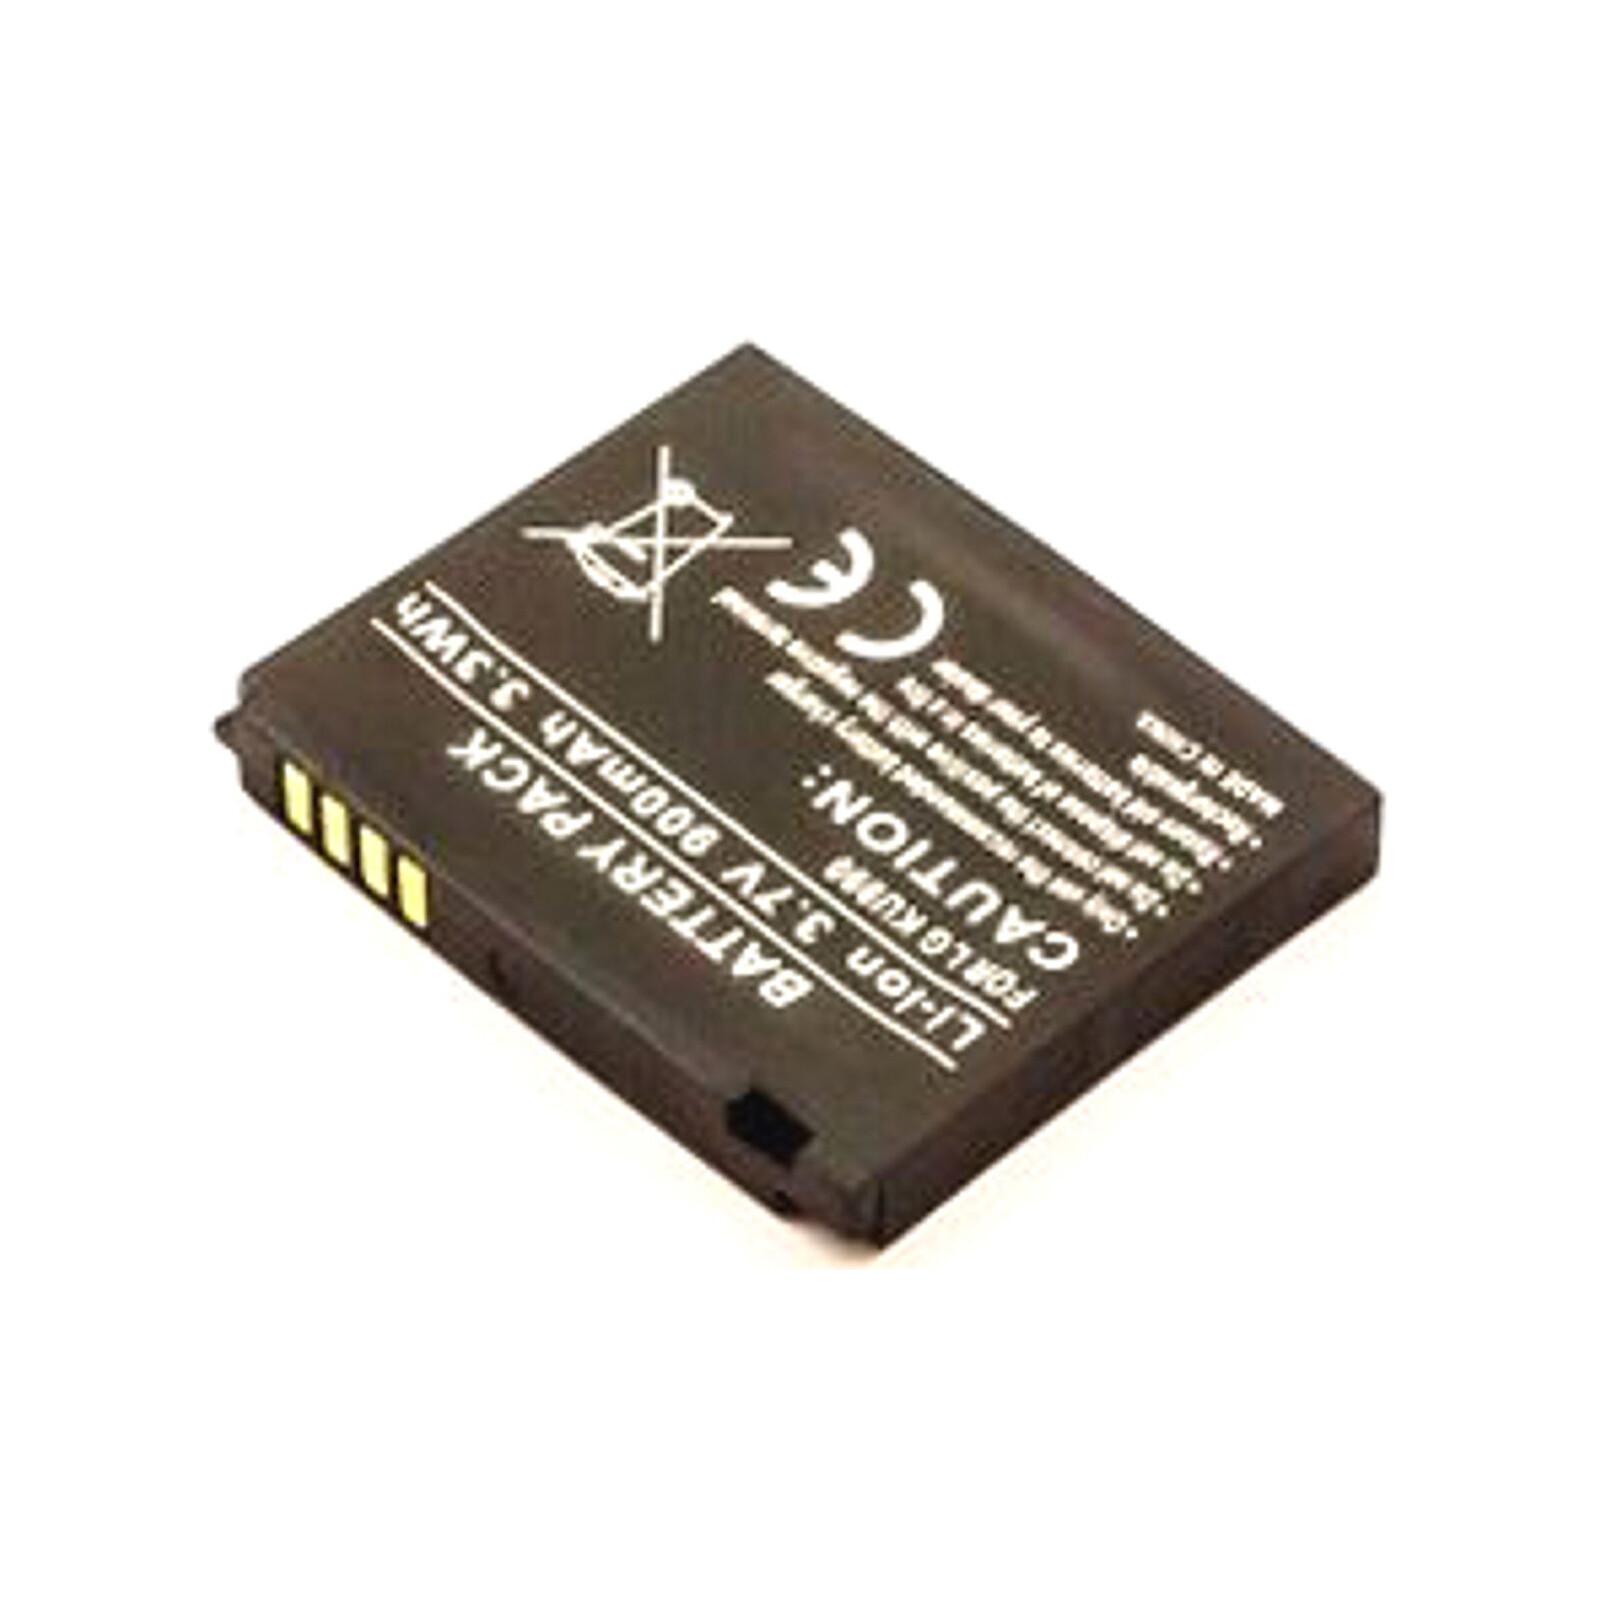 AGI Akku LG KM900 800mAh